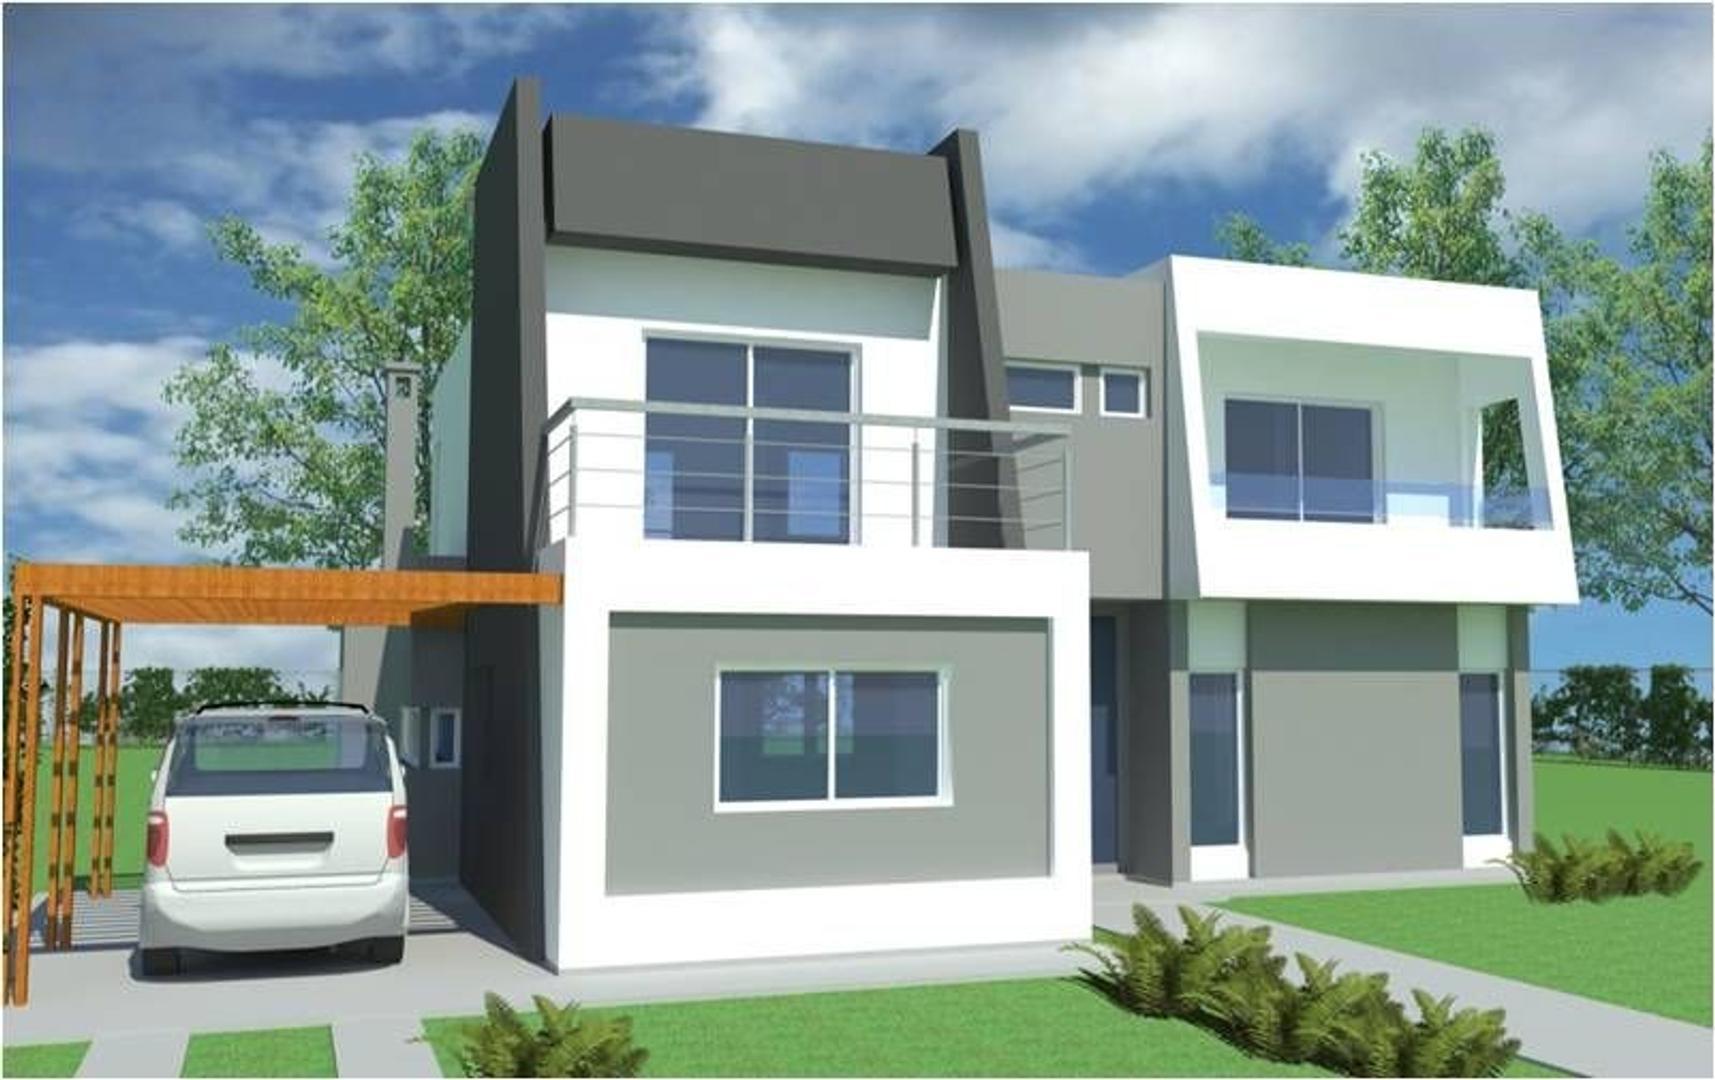 Casa  en Venta ubicado en San Matias, Escobar y alrededores - PIL3789_LP164952_1